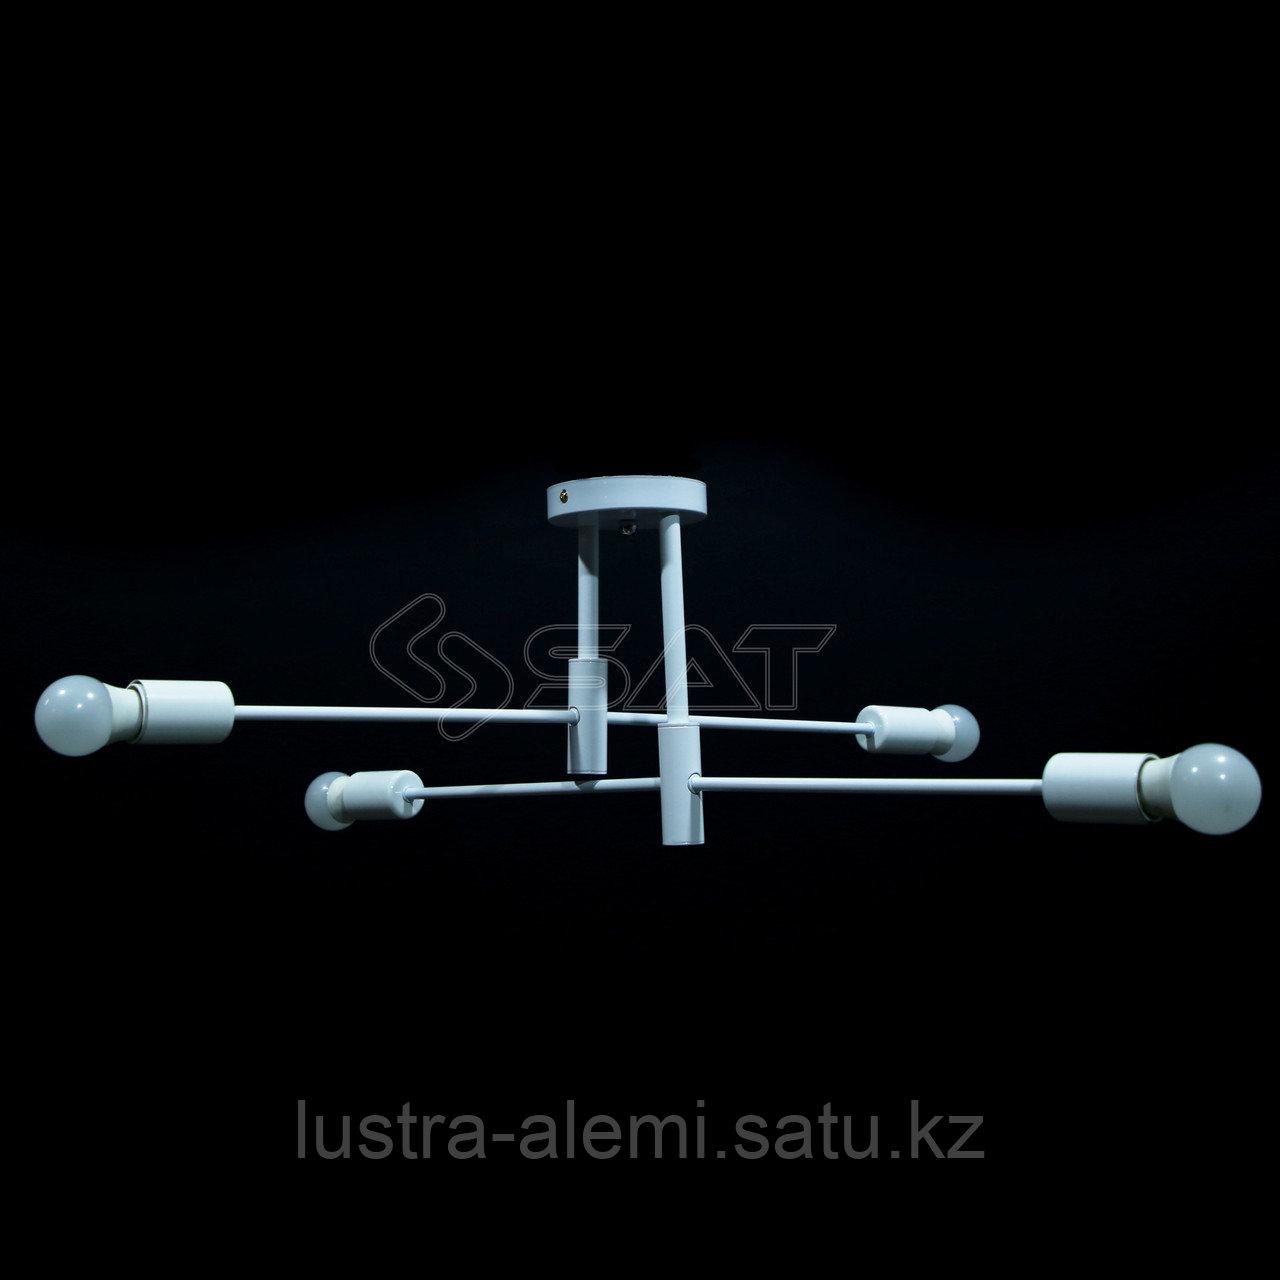 Люстра Hi-Tech T-22/4 WH E27*4